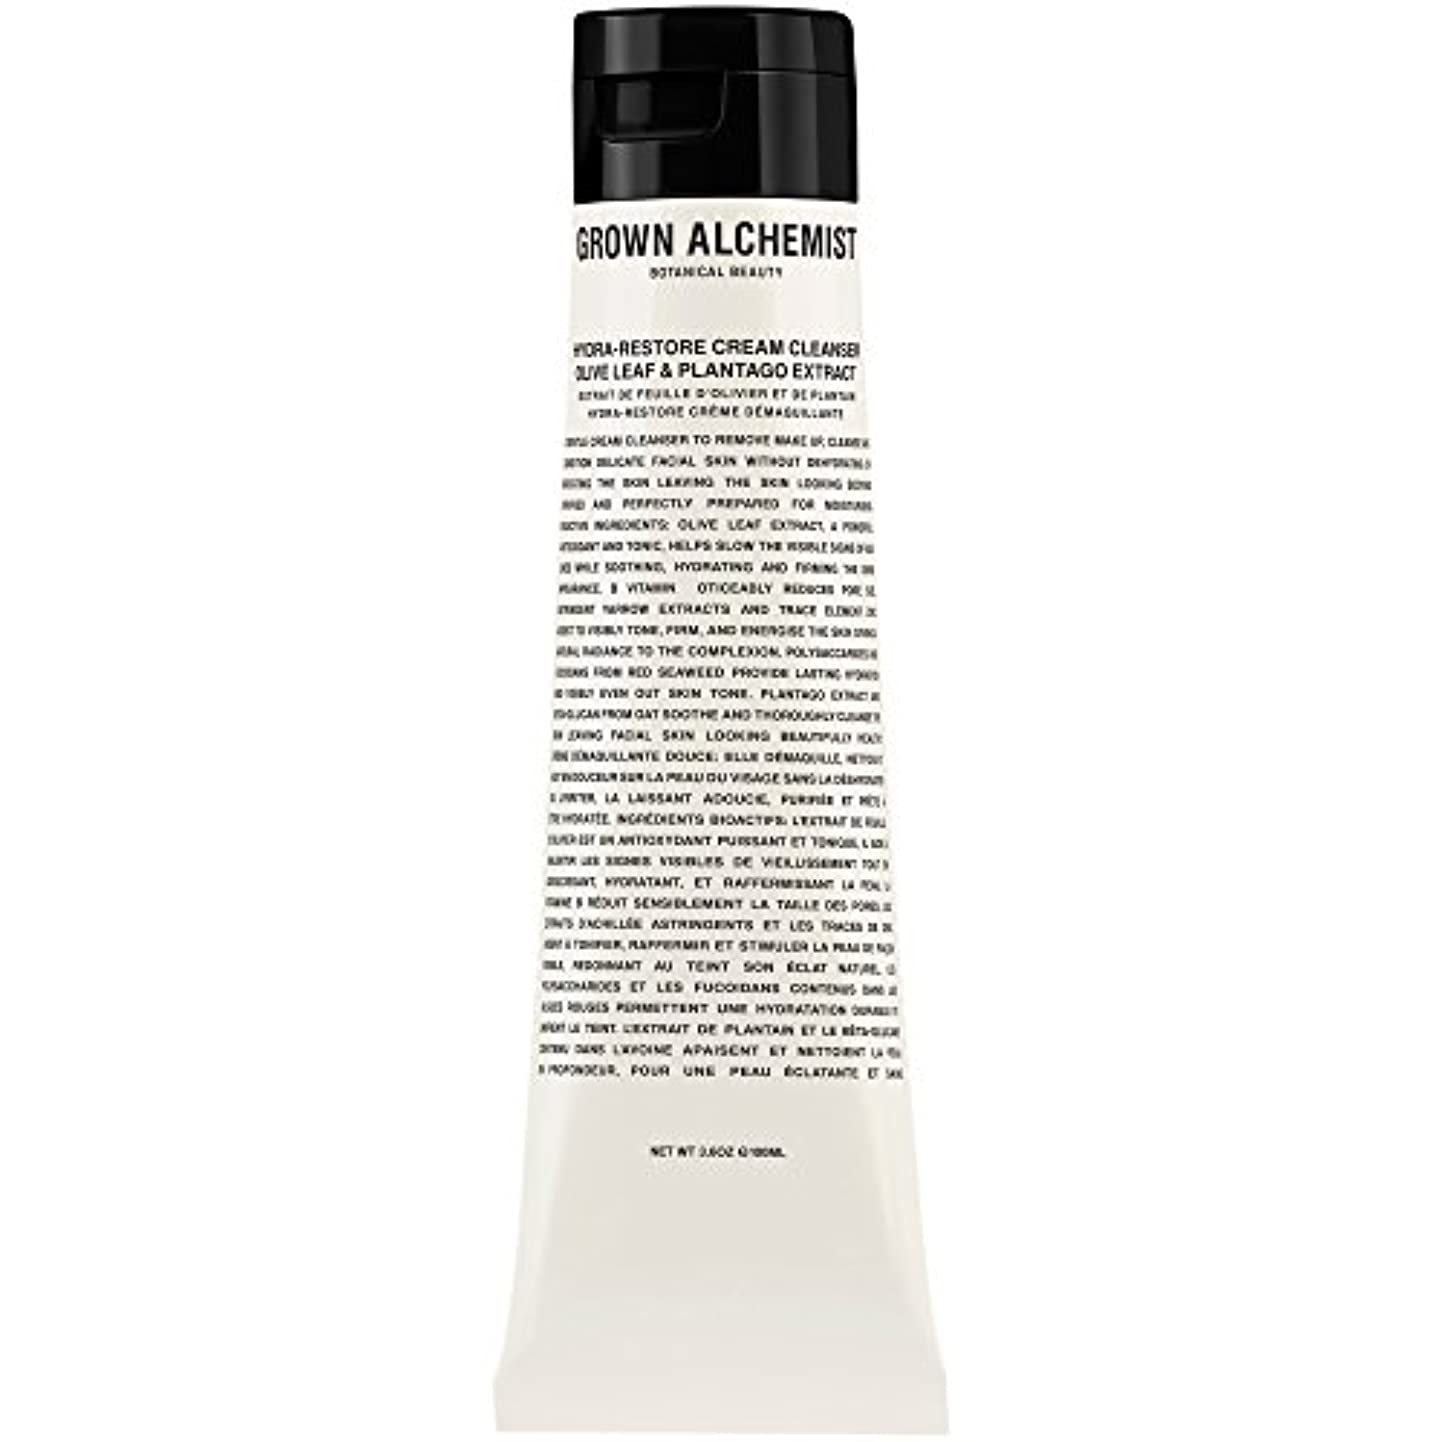 解決マスク有効なオリーブの葉&Plantogoエキス、100ミリリットル:成長した錬金術師クリームクレンザーをヒドラ復元 (Grown Alchemist) - Grown Alchemist Hydra-Restore Cream Cleanser...